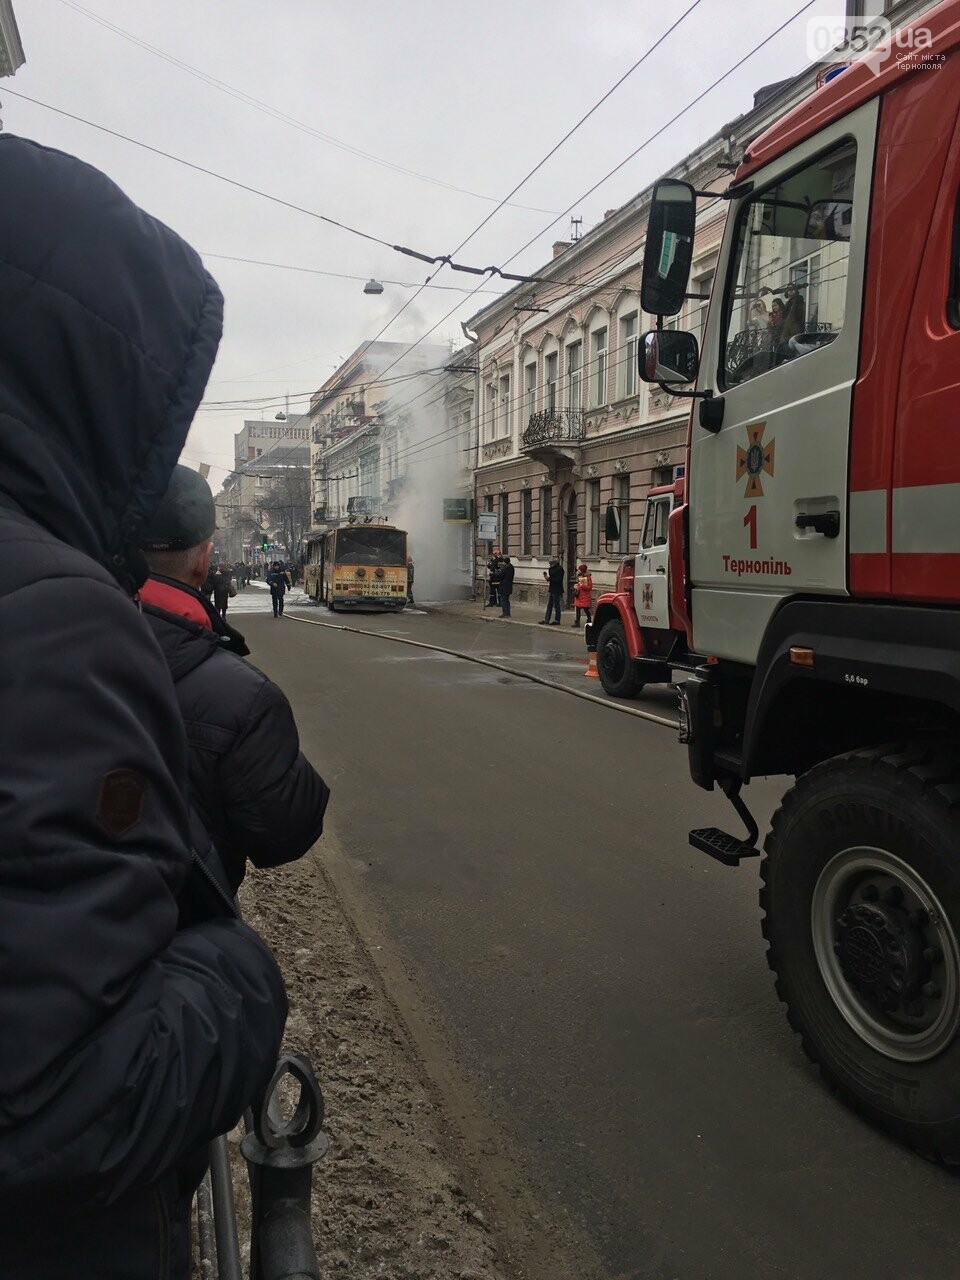 В центрі Тернополя загорівся тролейбус, прилеглі будинки вкрило густим димом (Фото, відео), фото-1